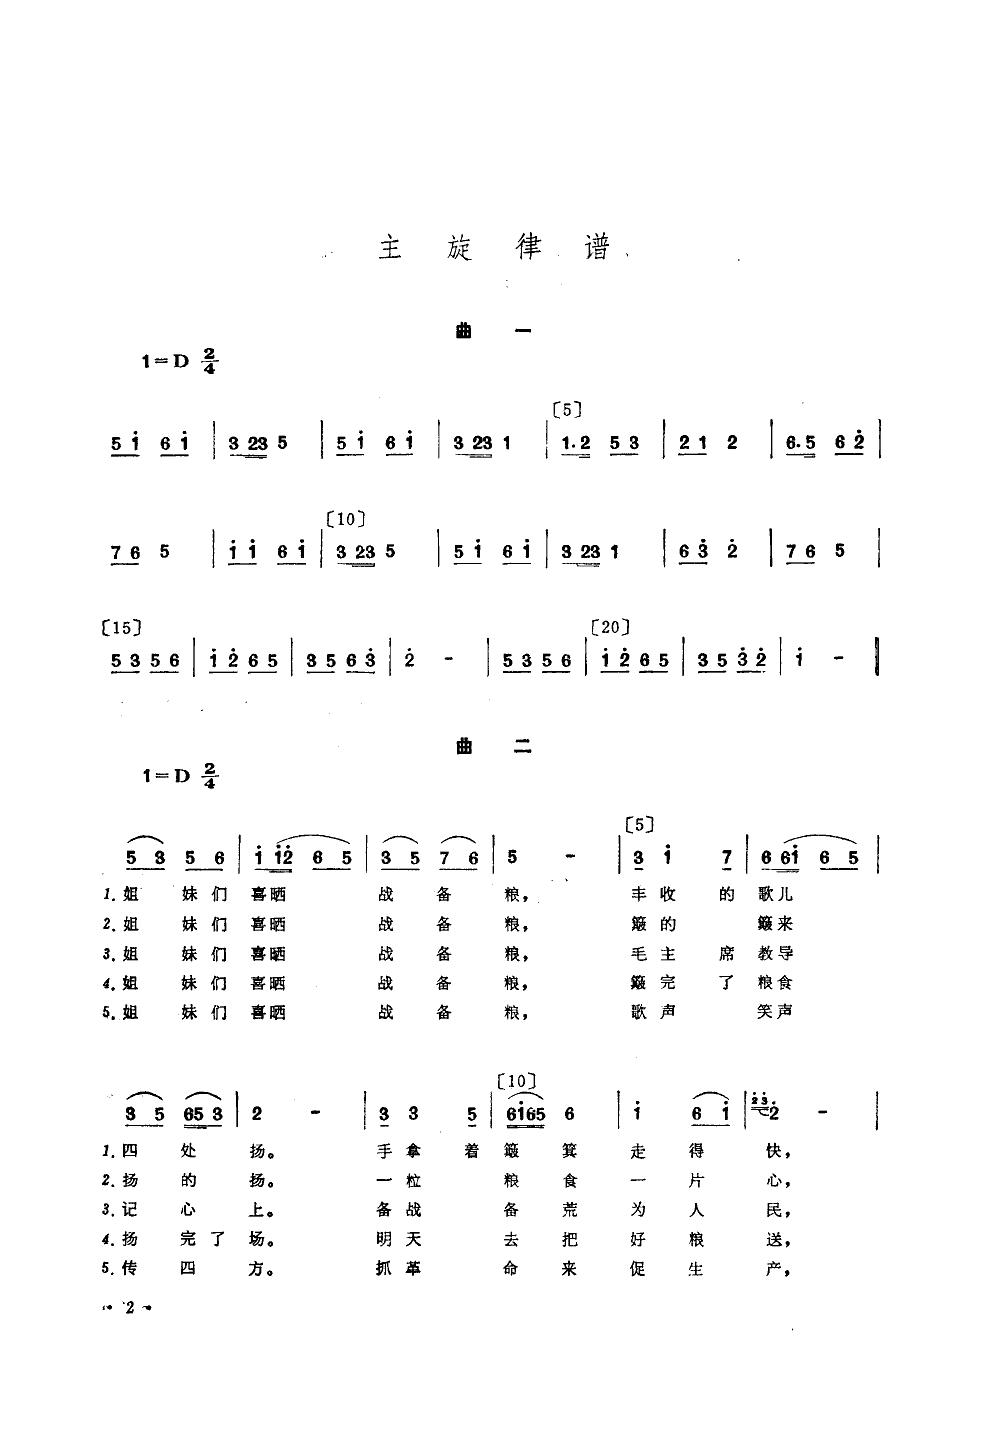 喜晒战备粮(舞蹈音乐)_简谱_歌谱下载_搜谱网